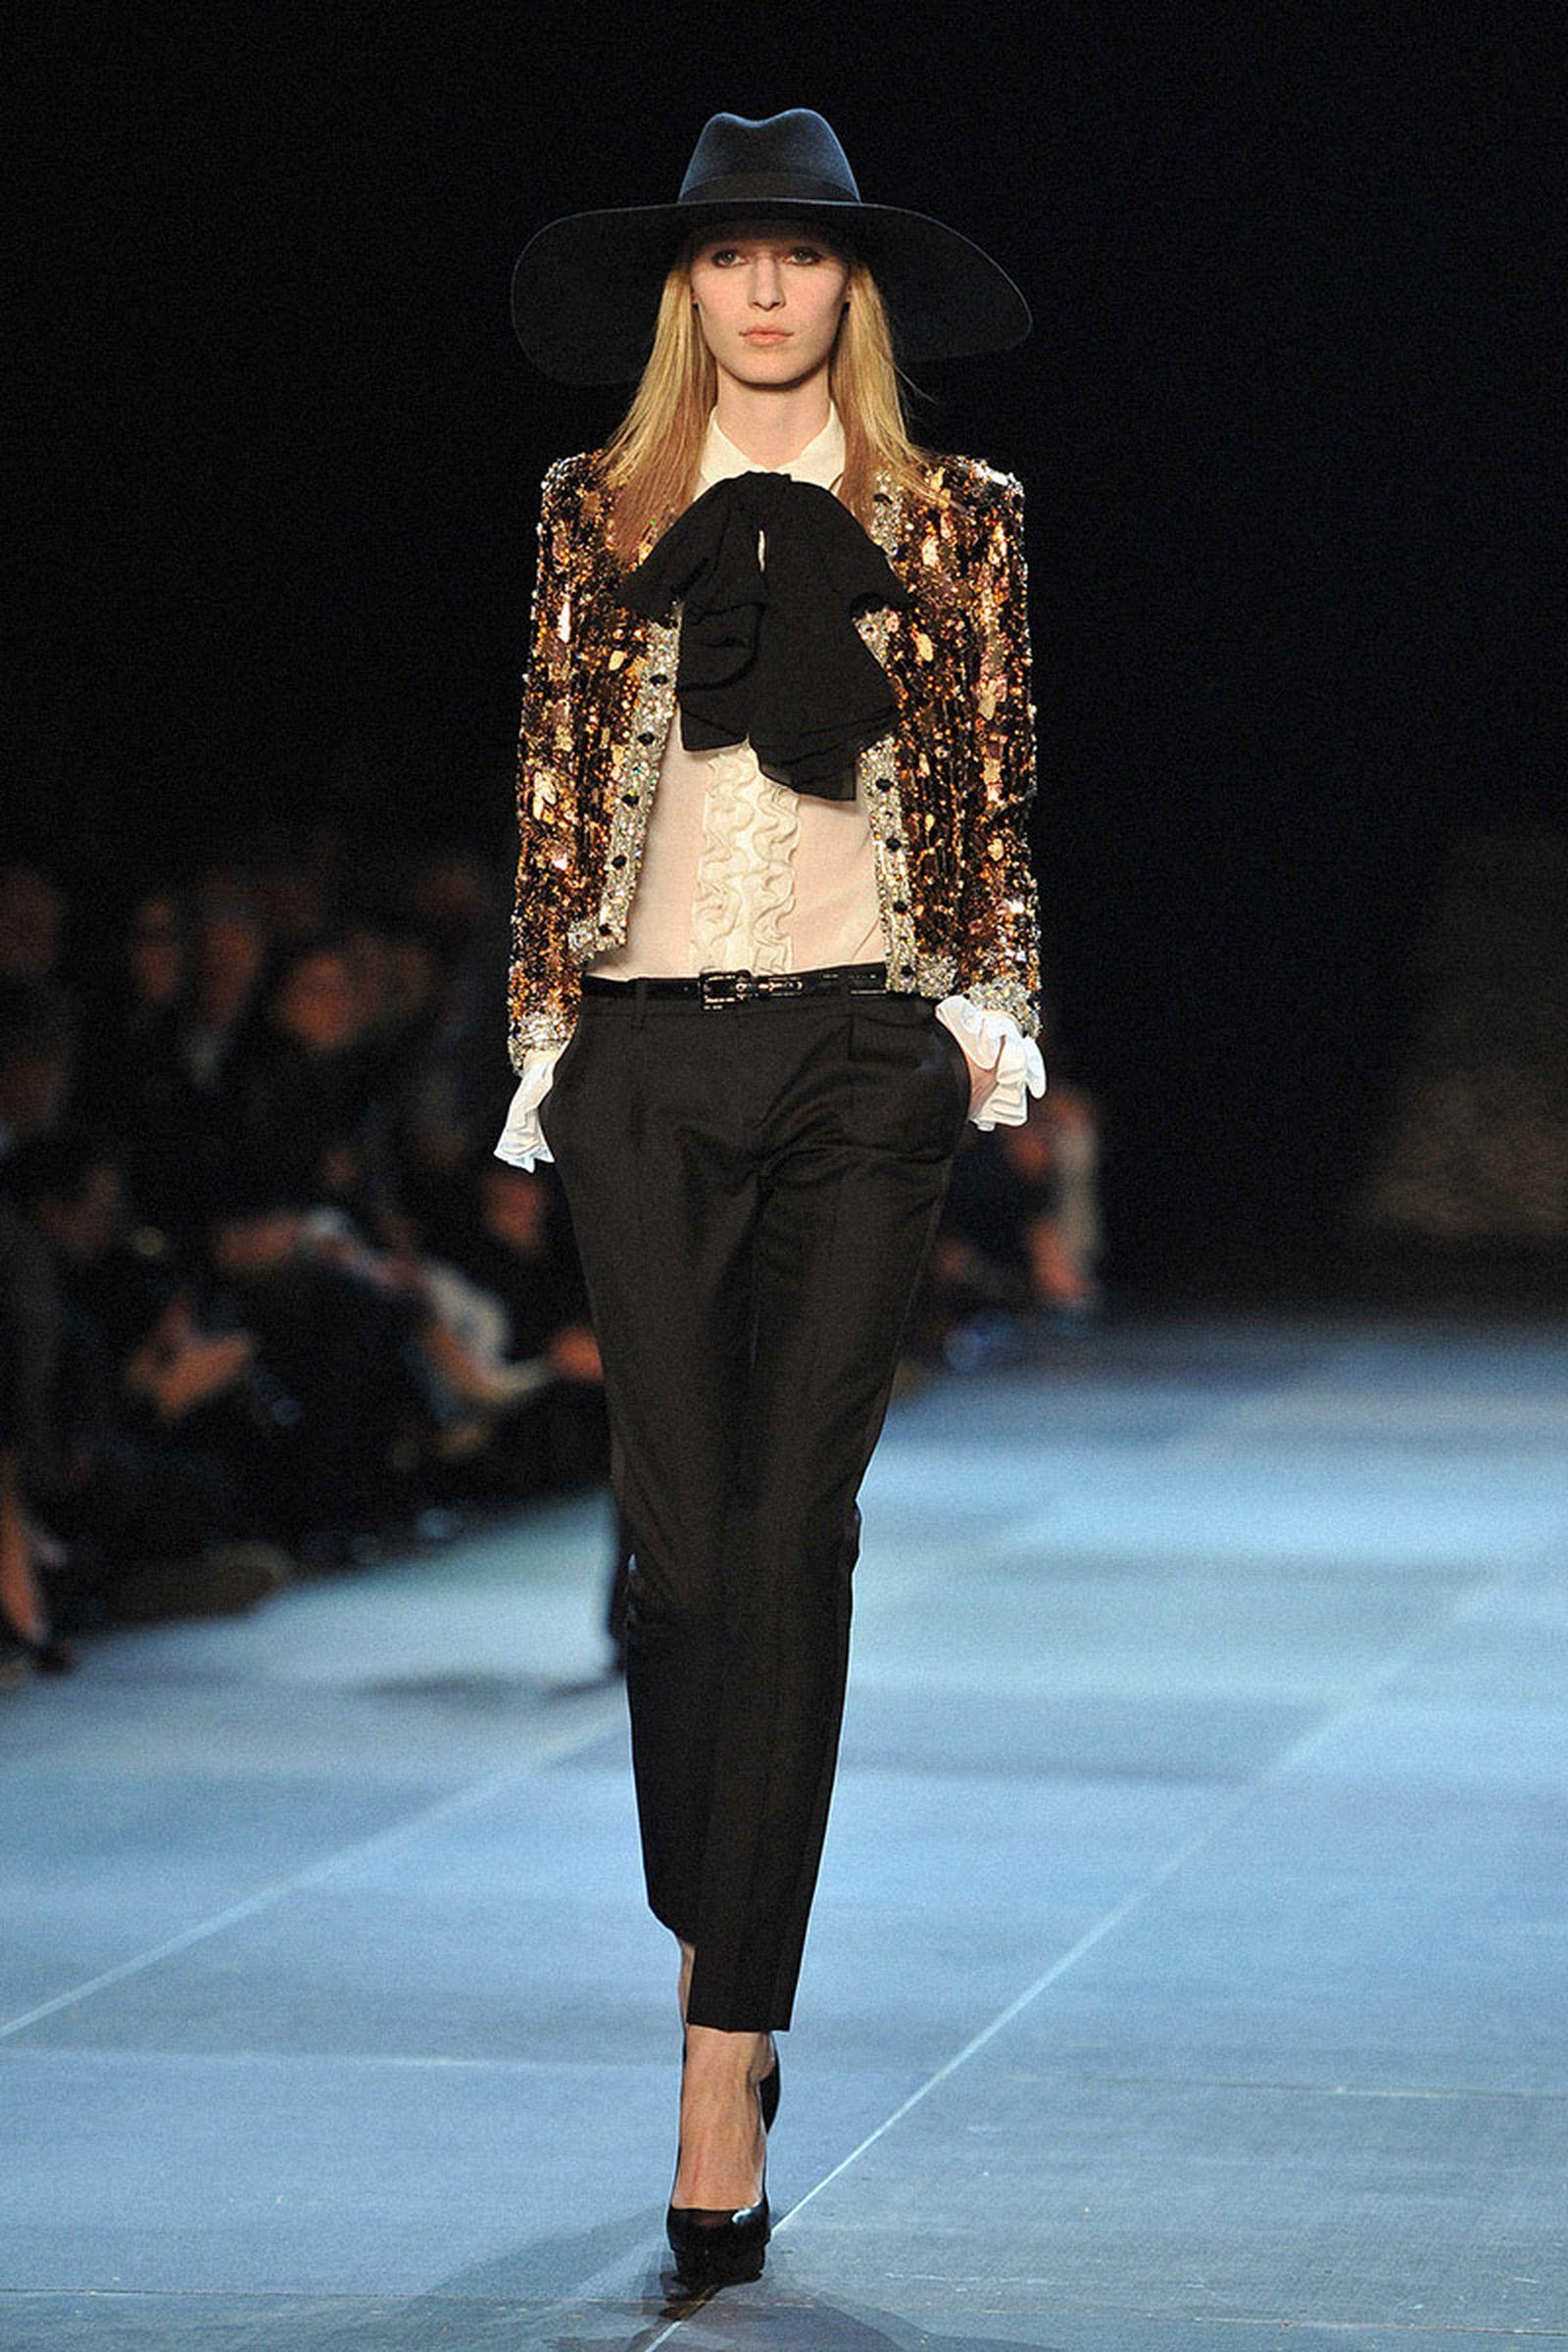 menswear-designers-doing-womenswear-01